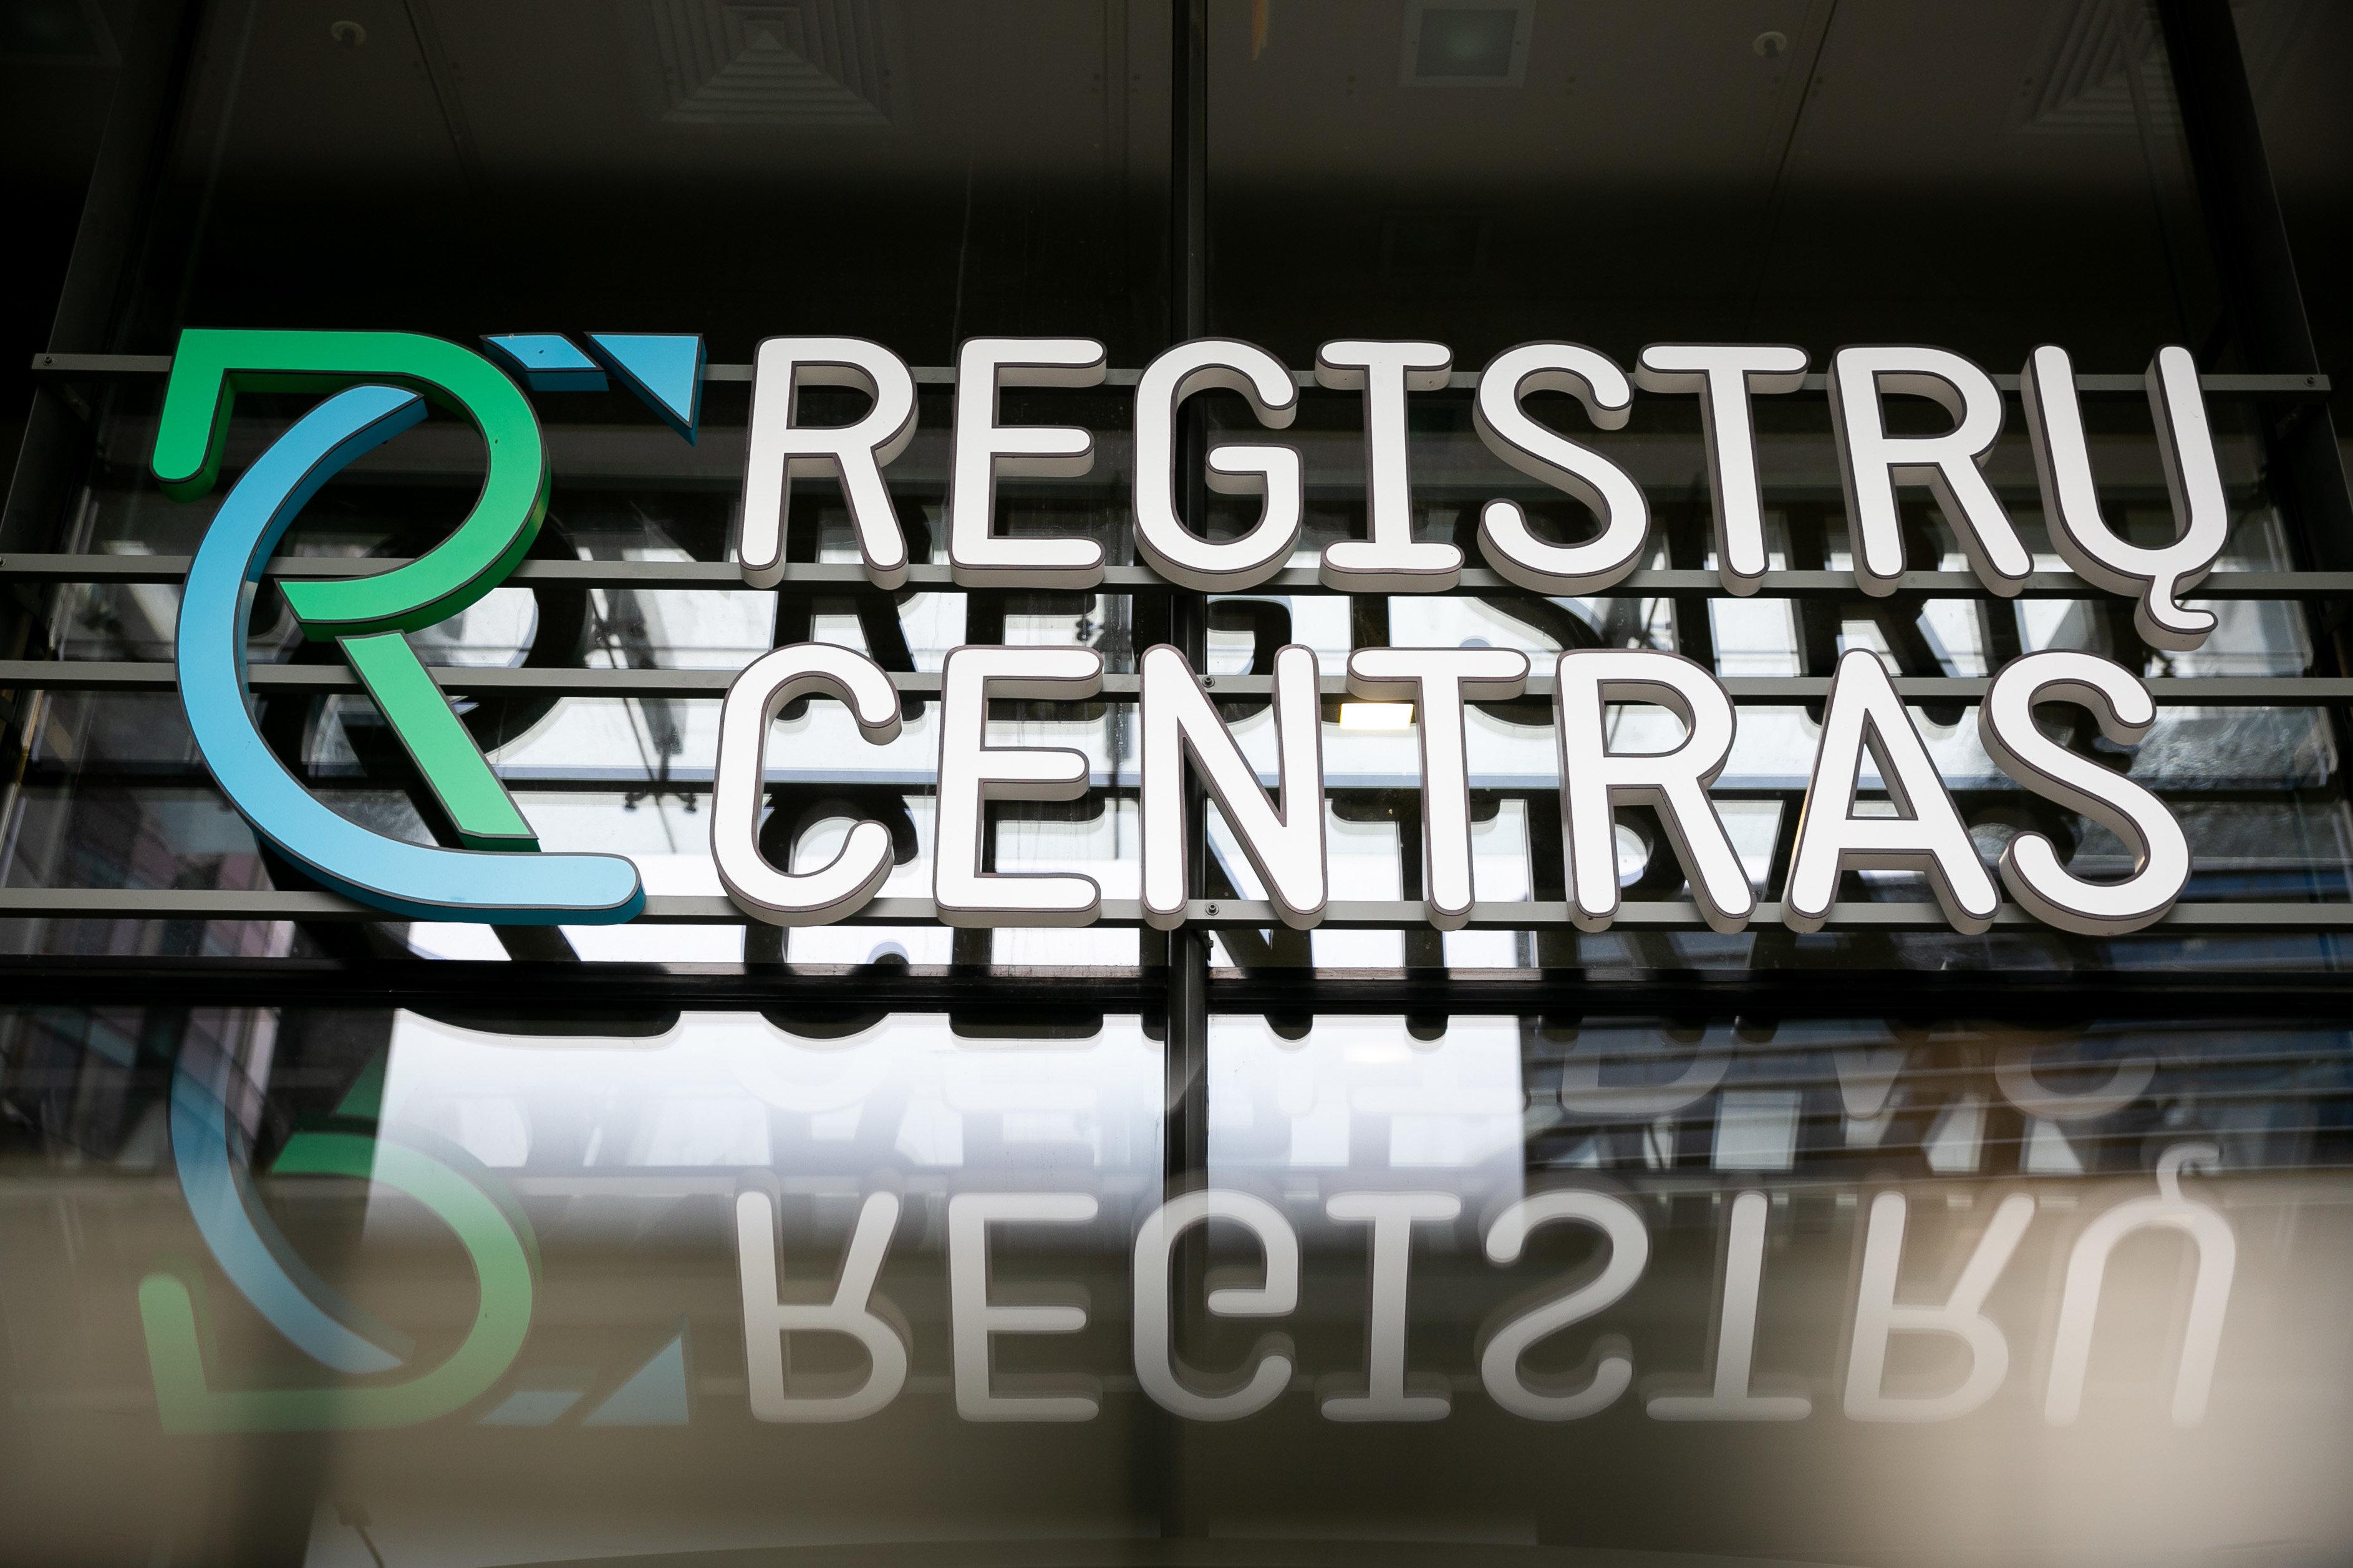 centrinė prekybos registrų sistema